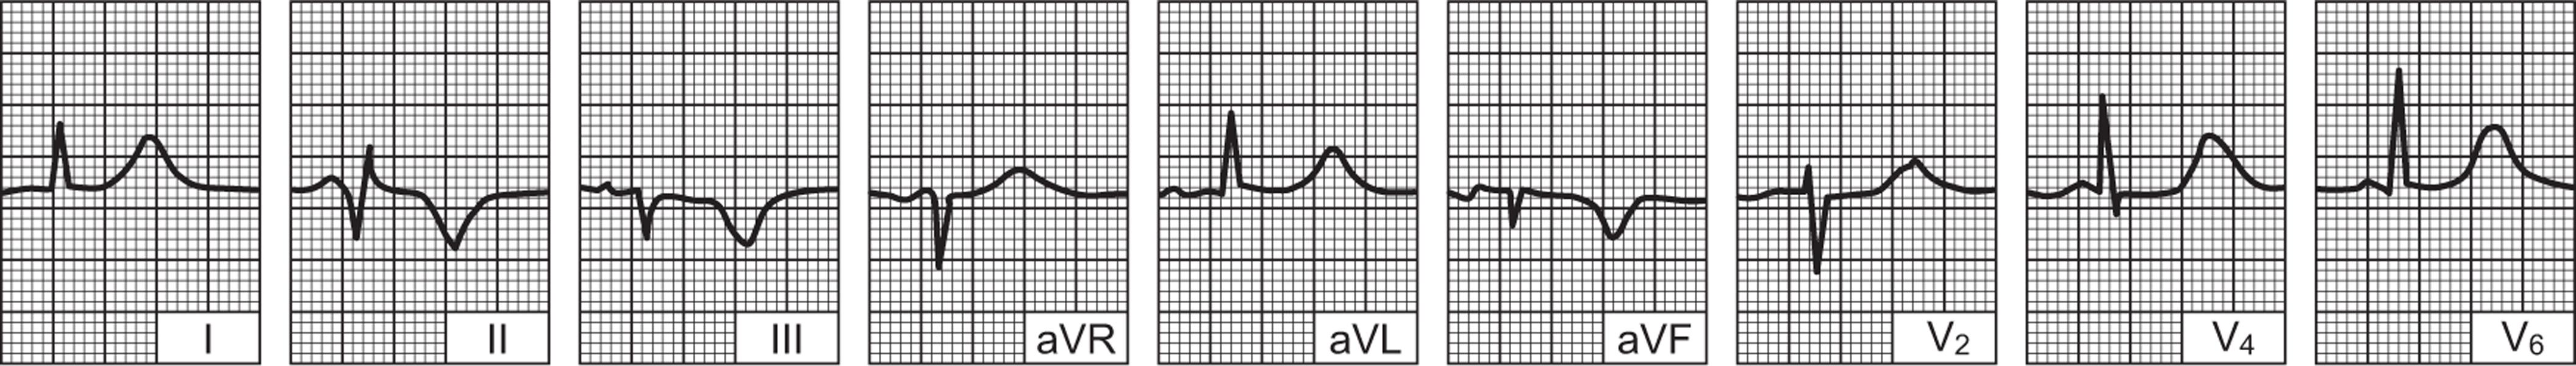 Kako živjeti nakon srčanog udara - PLIVAzdravlje